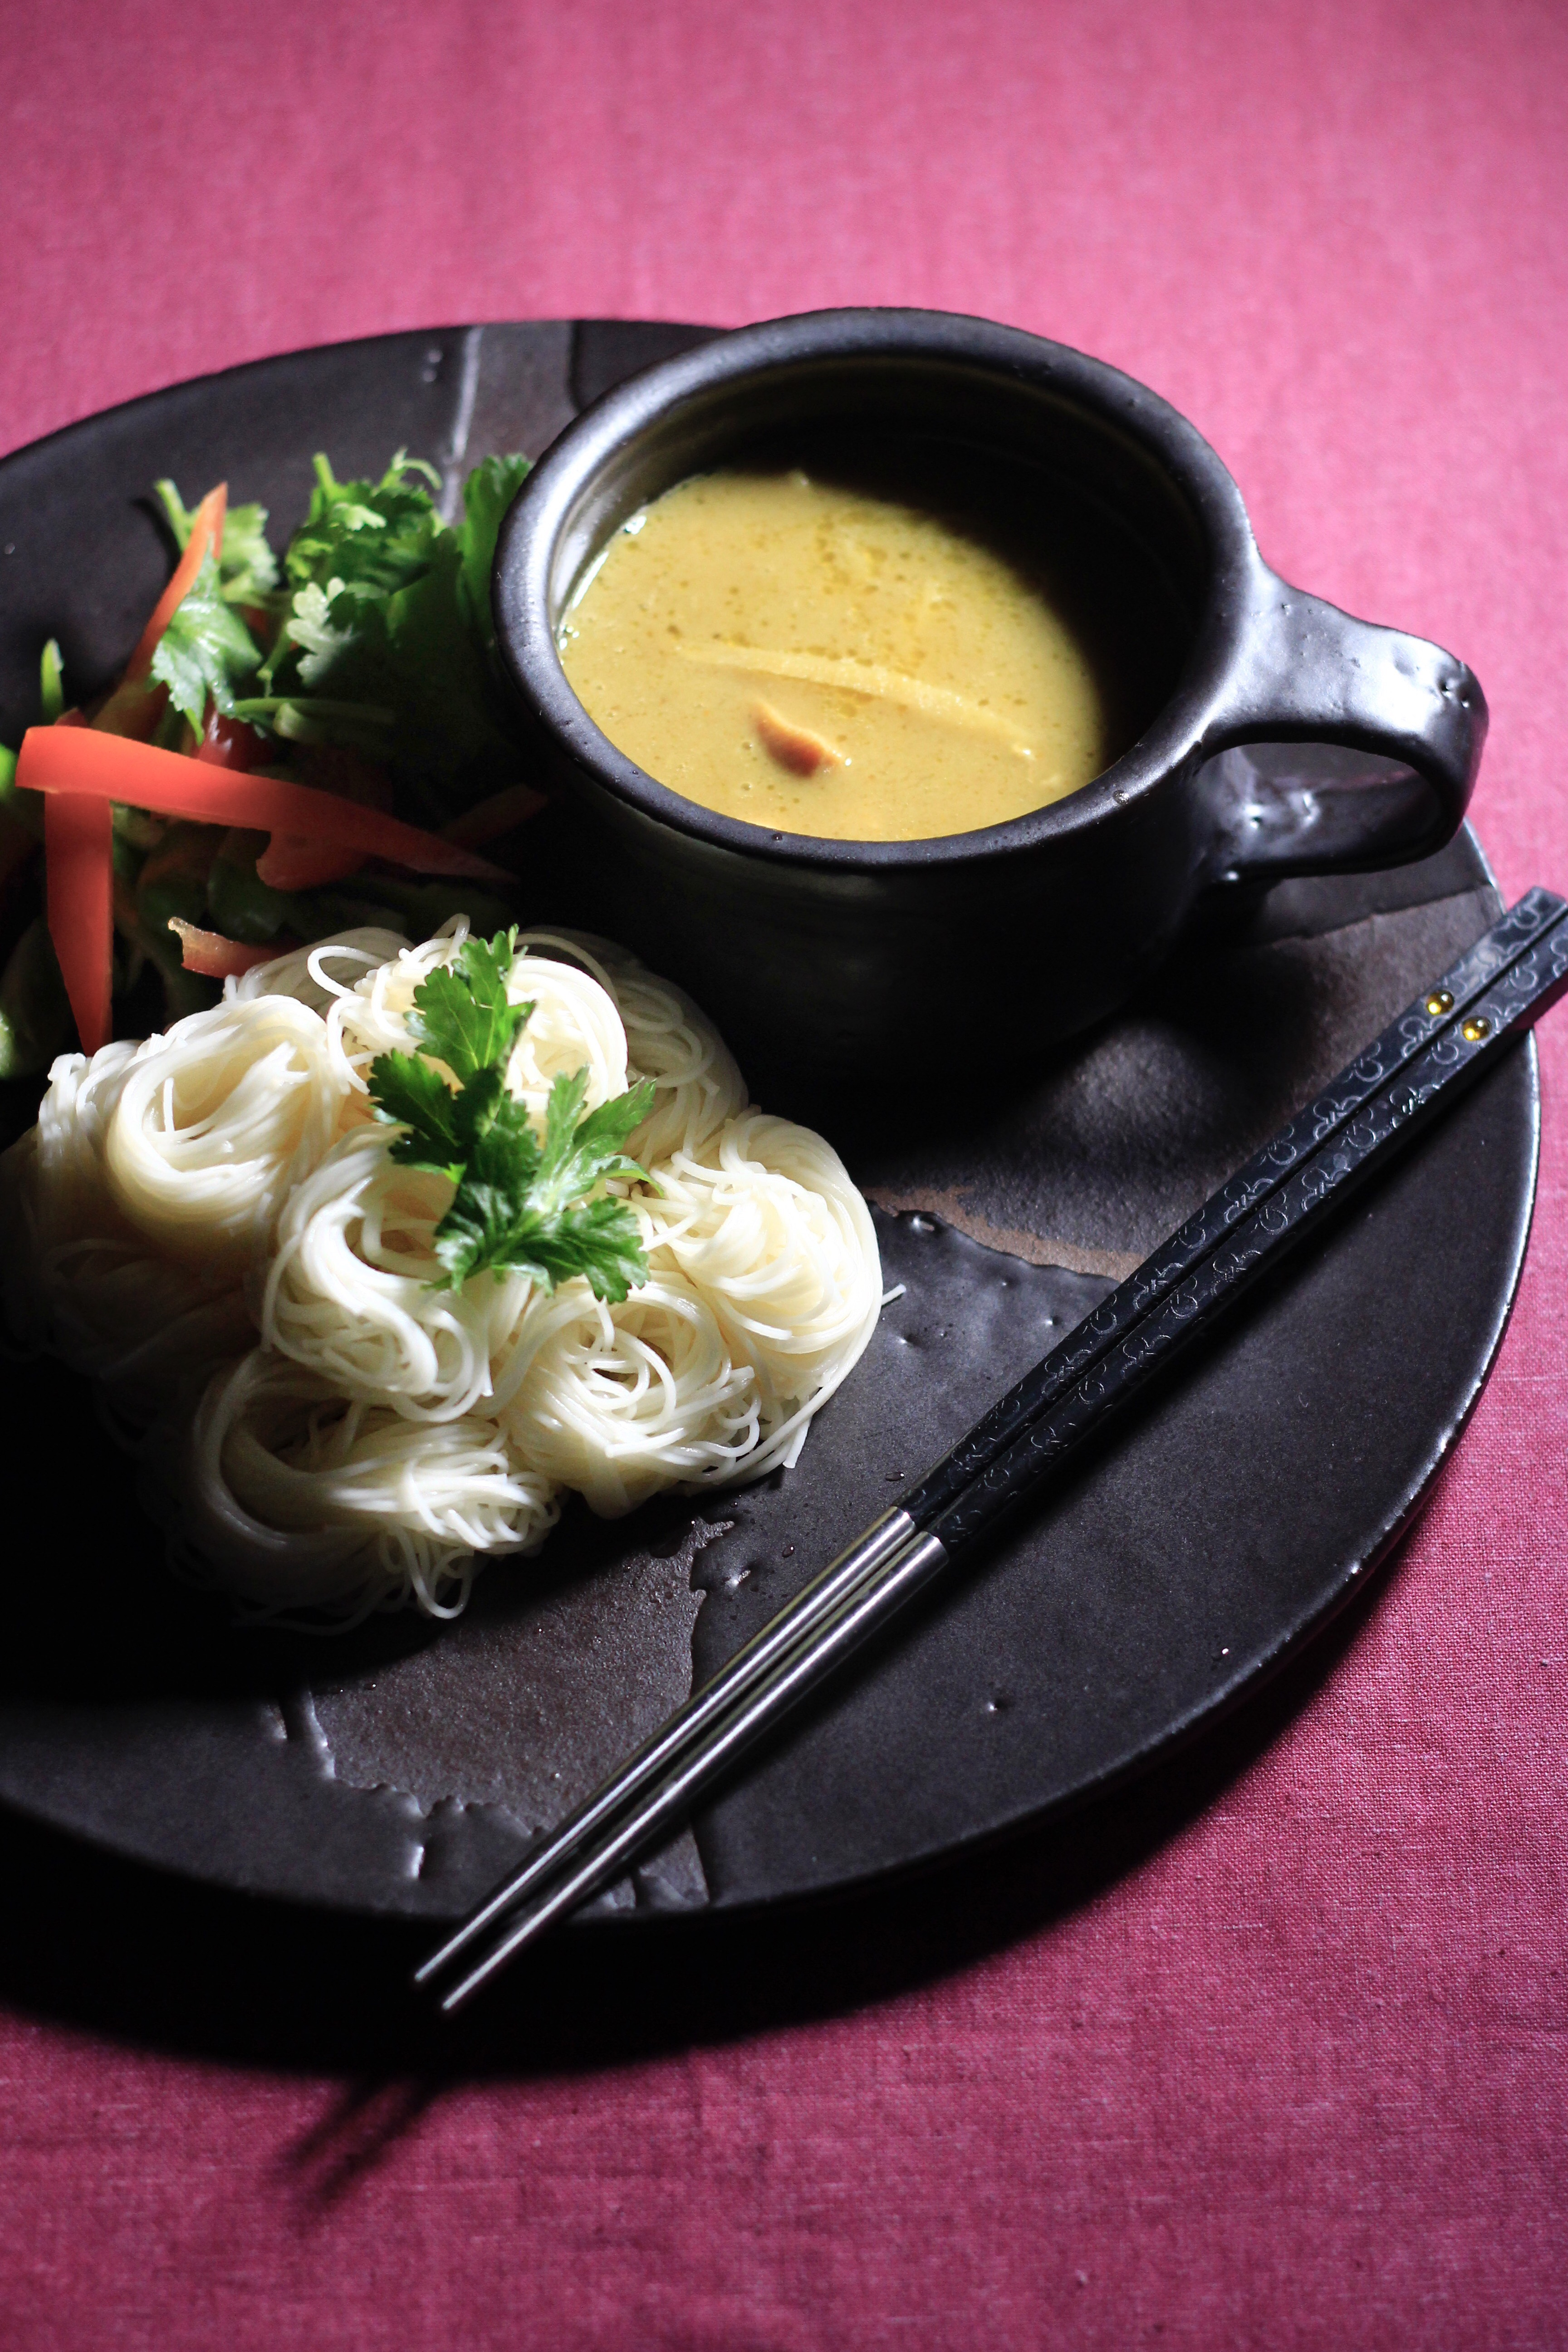 イオンのレトルトグリーンカレーでつけ素麺